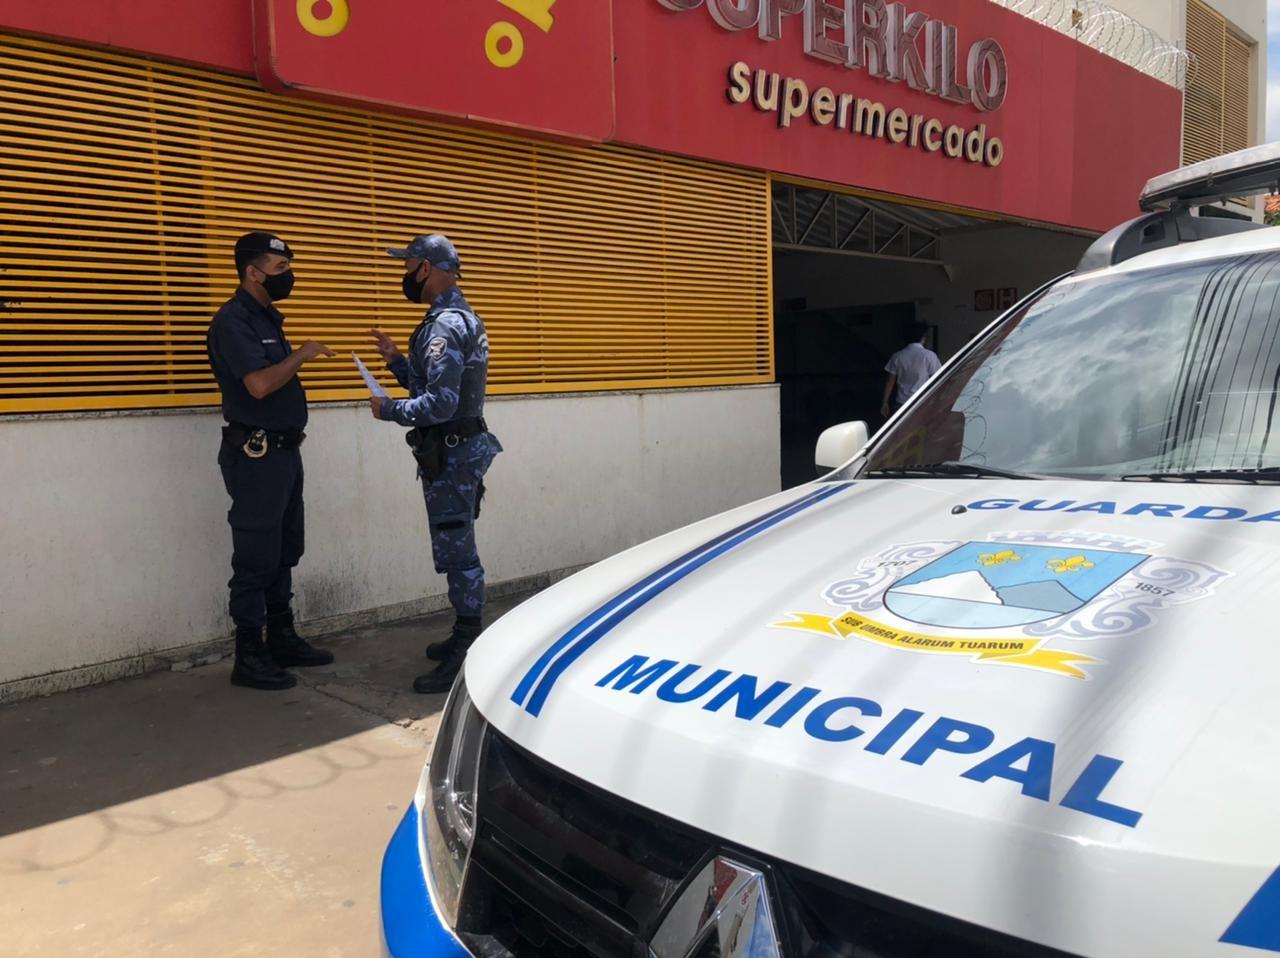 Supermercado é multado em mais de R$ 9 mil por vender bebida alcoólica, em Montes Claros